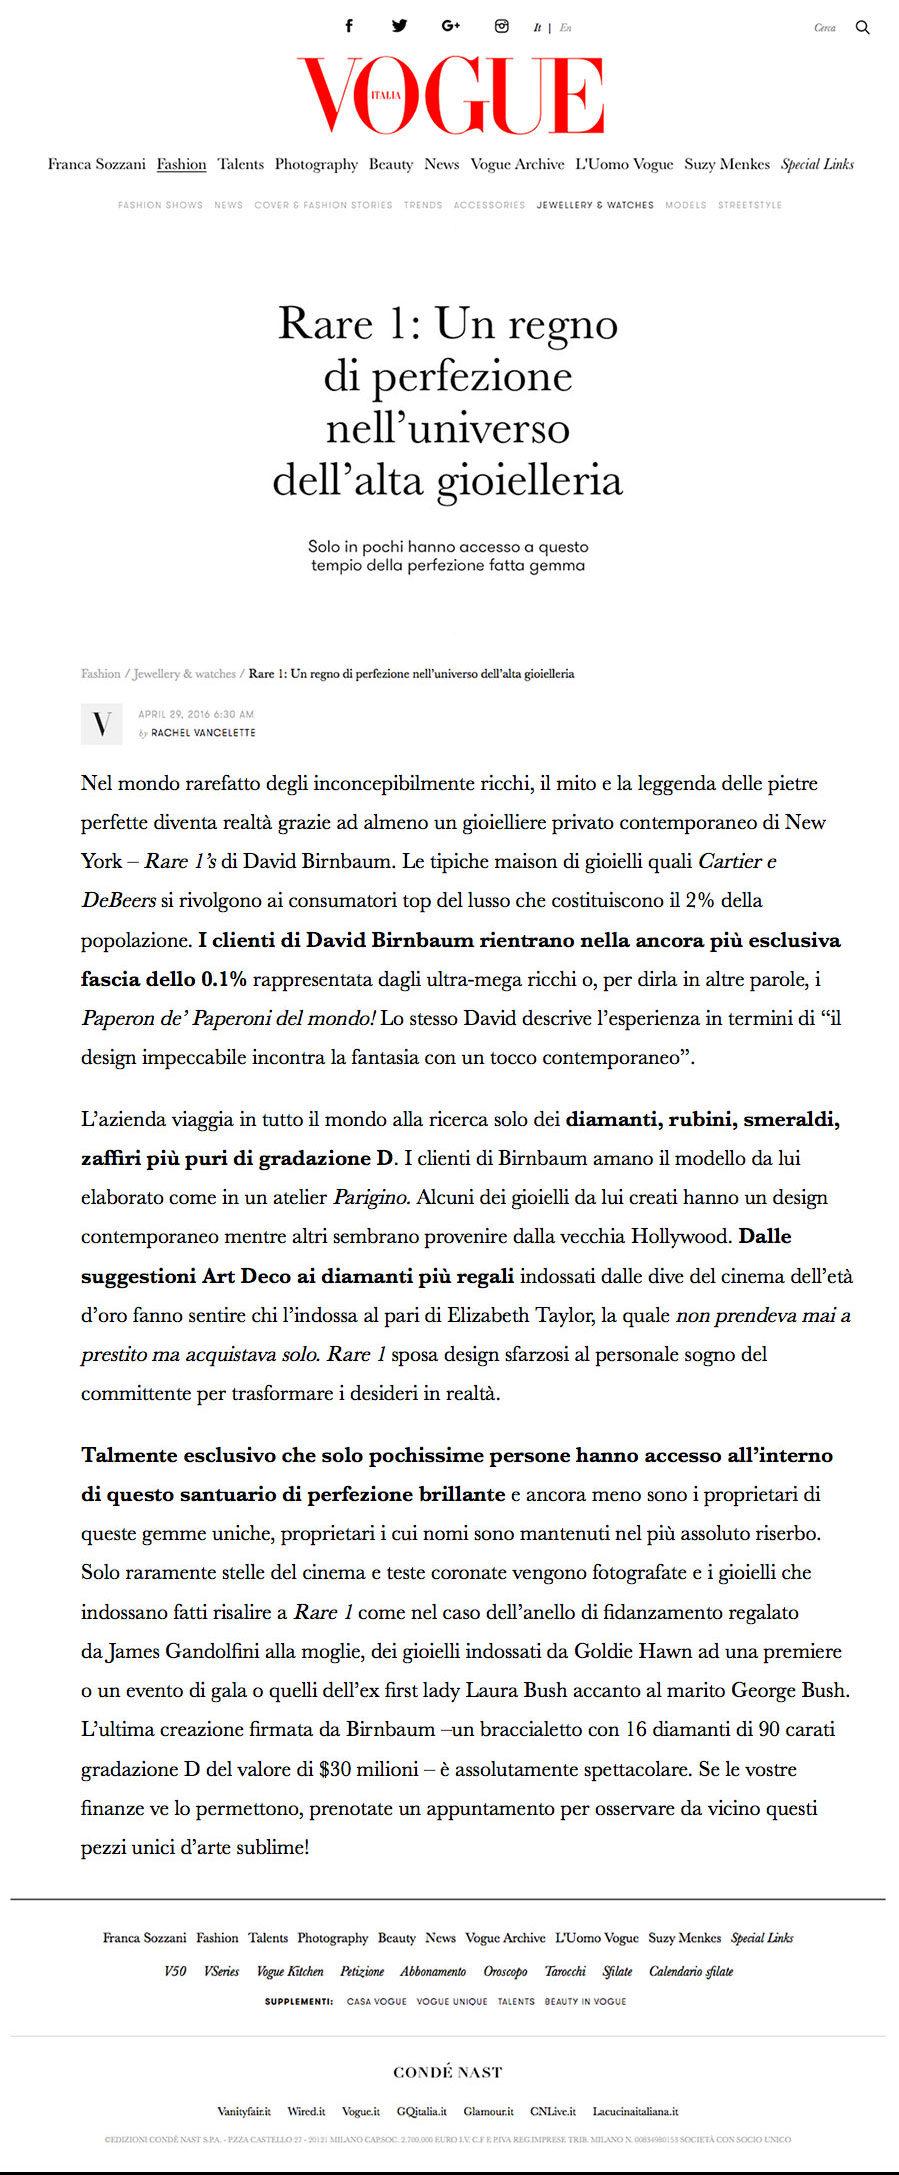 vogue_italian2-es